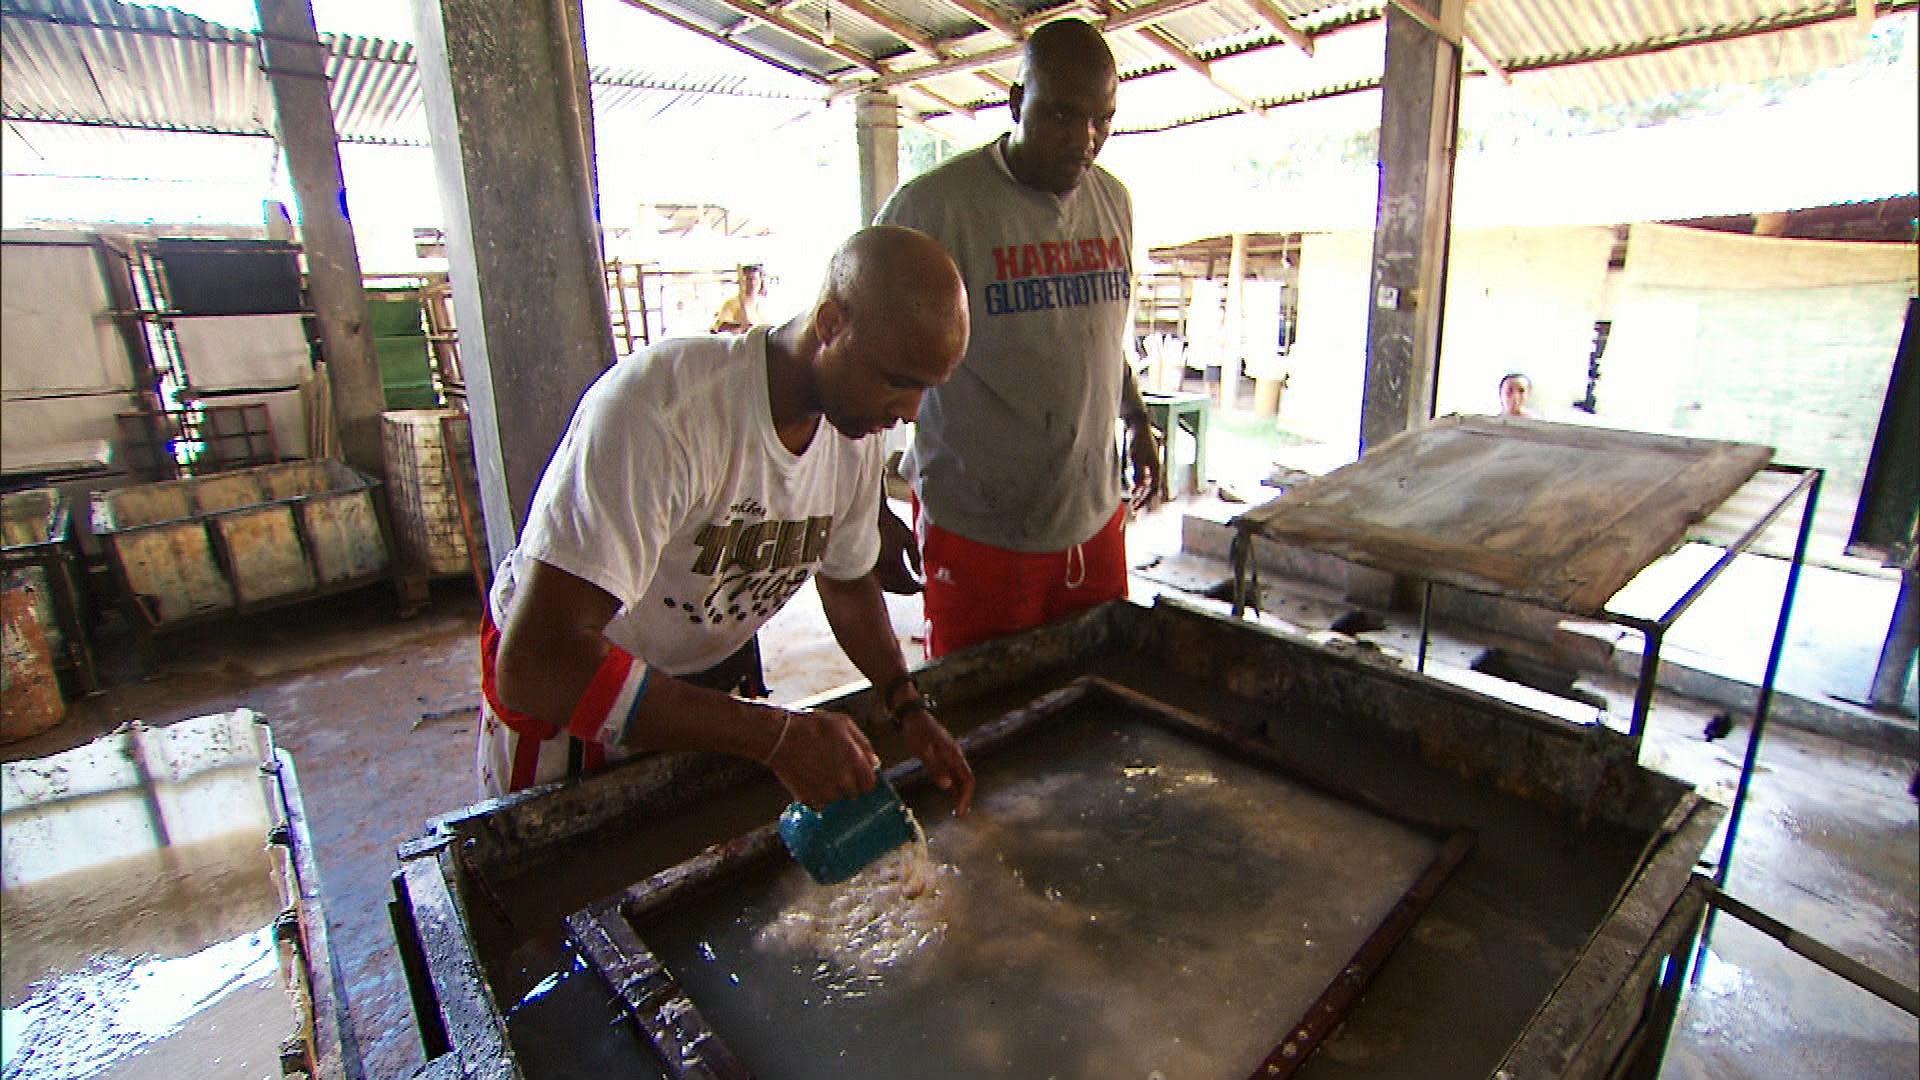 Making paper in Sri Lanka in Season 24 Episode 6